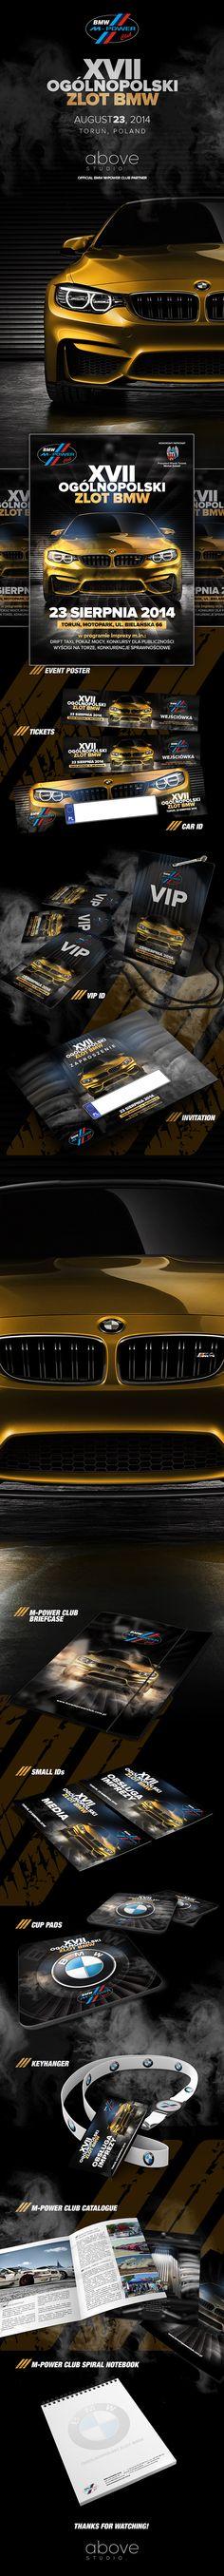 Event stuff & identity design for BMW M-Power Club Torun - organizer of XVII Ogólnopolski Zlot BMW